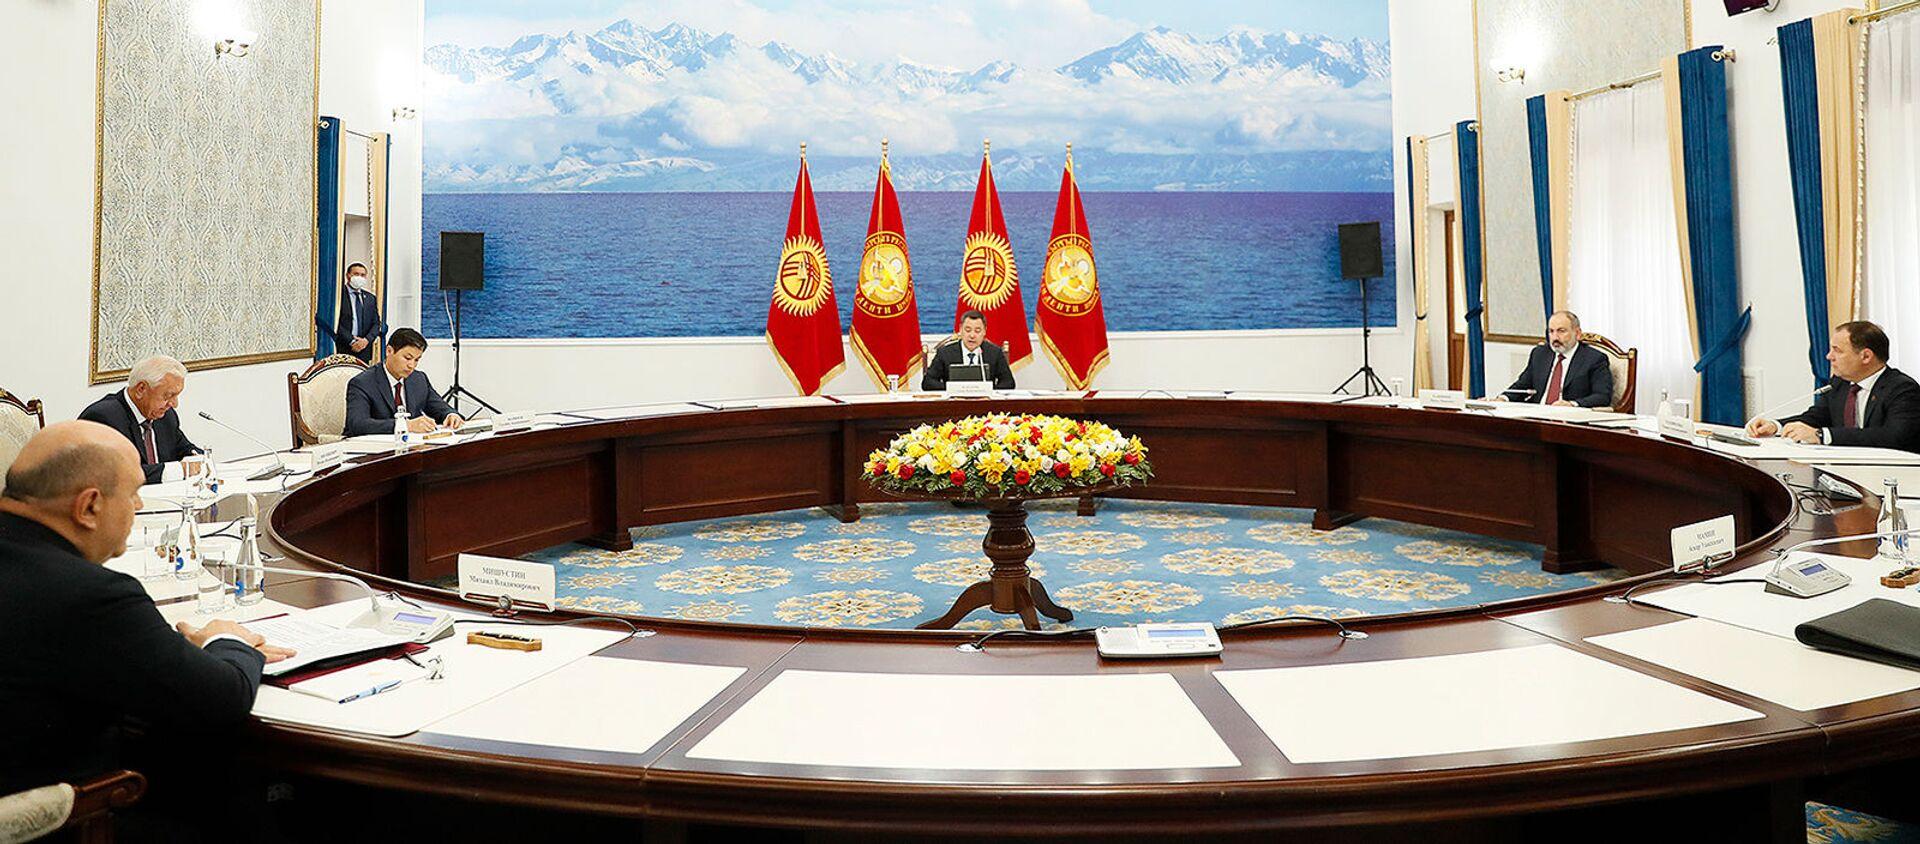 Премьер-министр Армении Никол Пашинян принял участие в заседании межправительственного совета ЕАЭС (20 августа 2021). Бишкек - Sputnik Армения, 1920, 20.08.2021